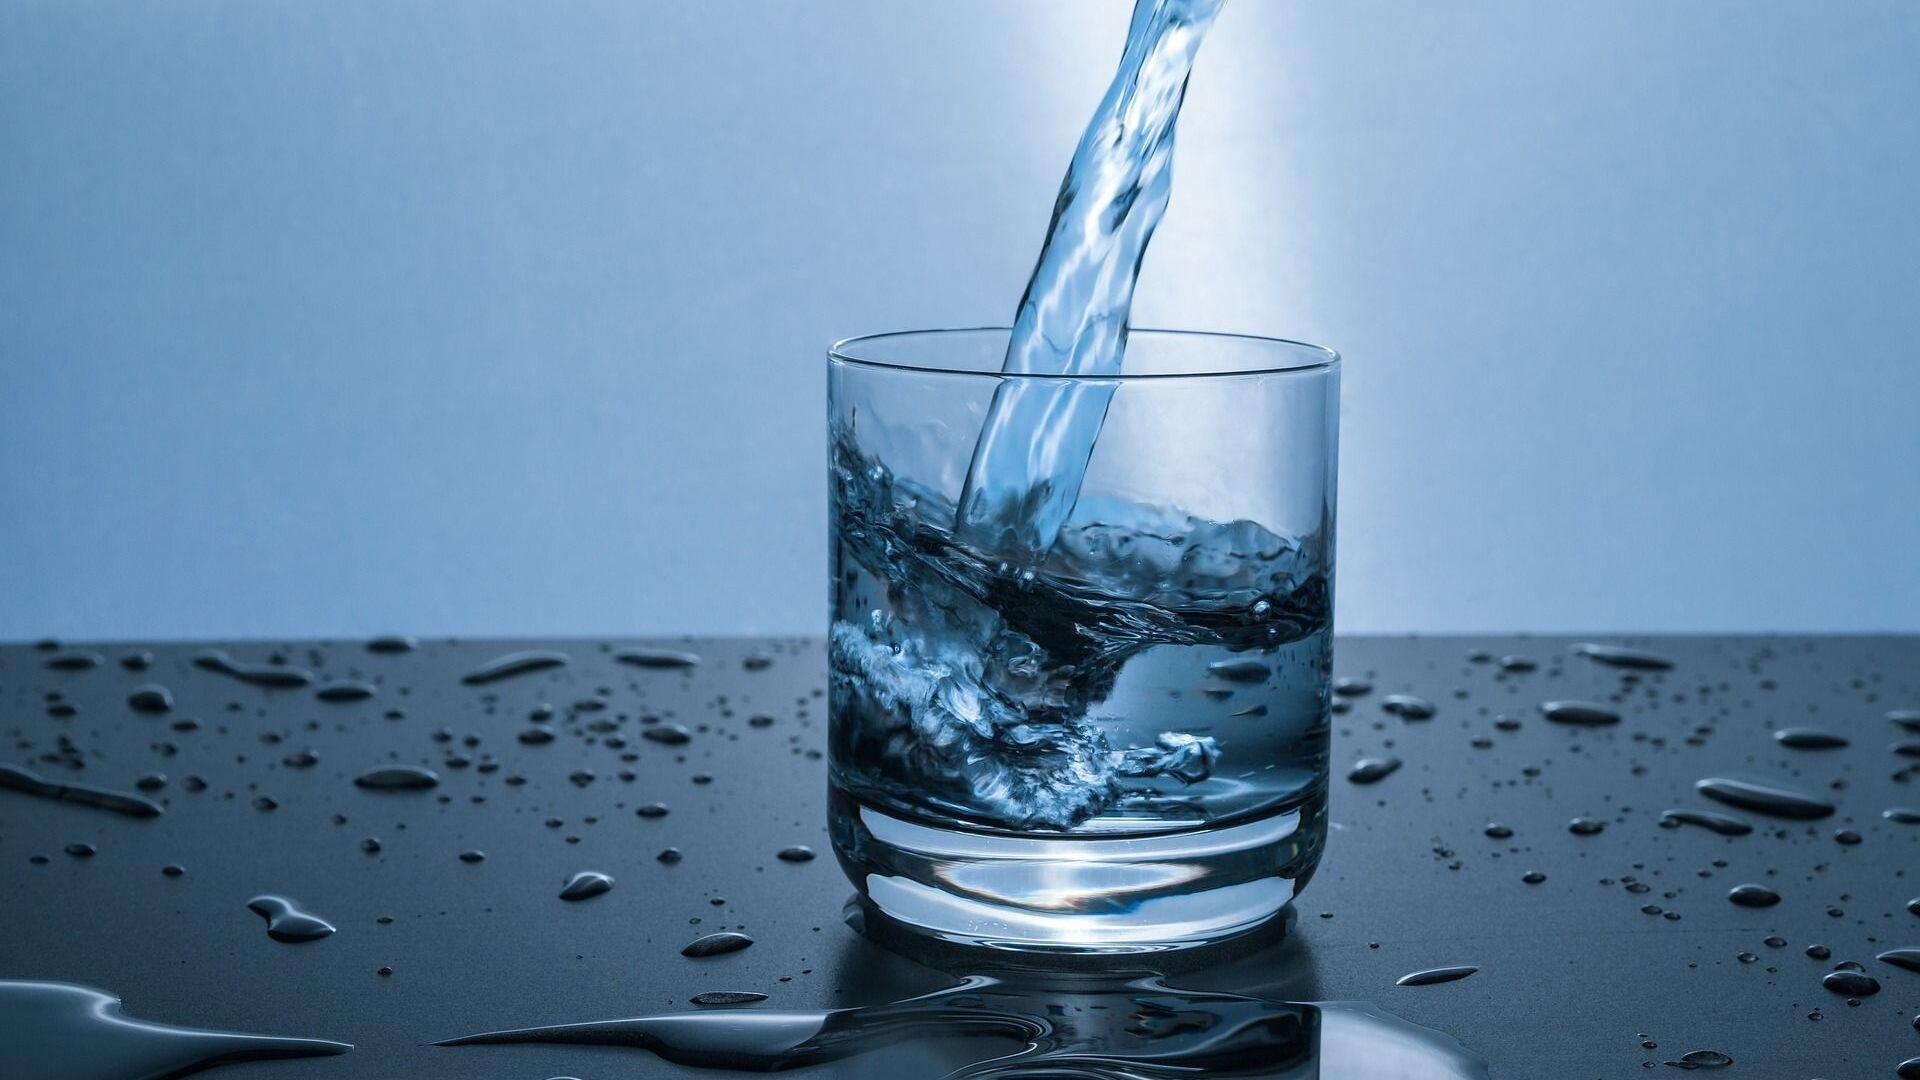 Ένα ποτήρι νερό (φωτ. αρχείου) - Sputnik Ελλάδα, 1920, 09.10.2021